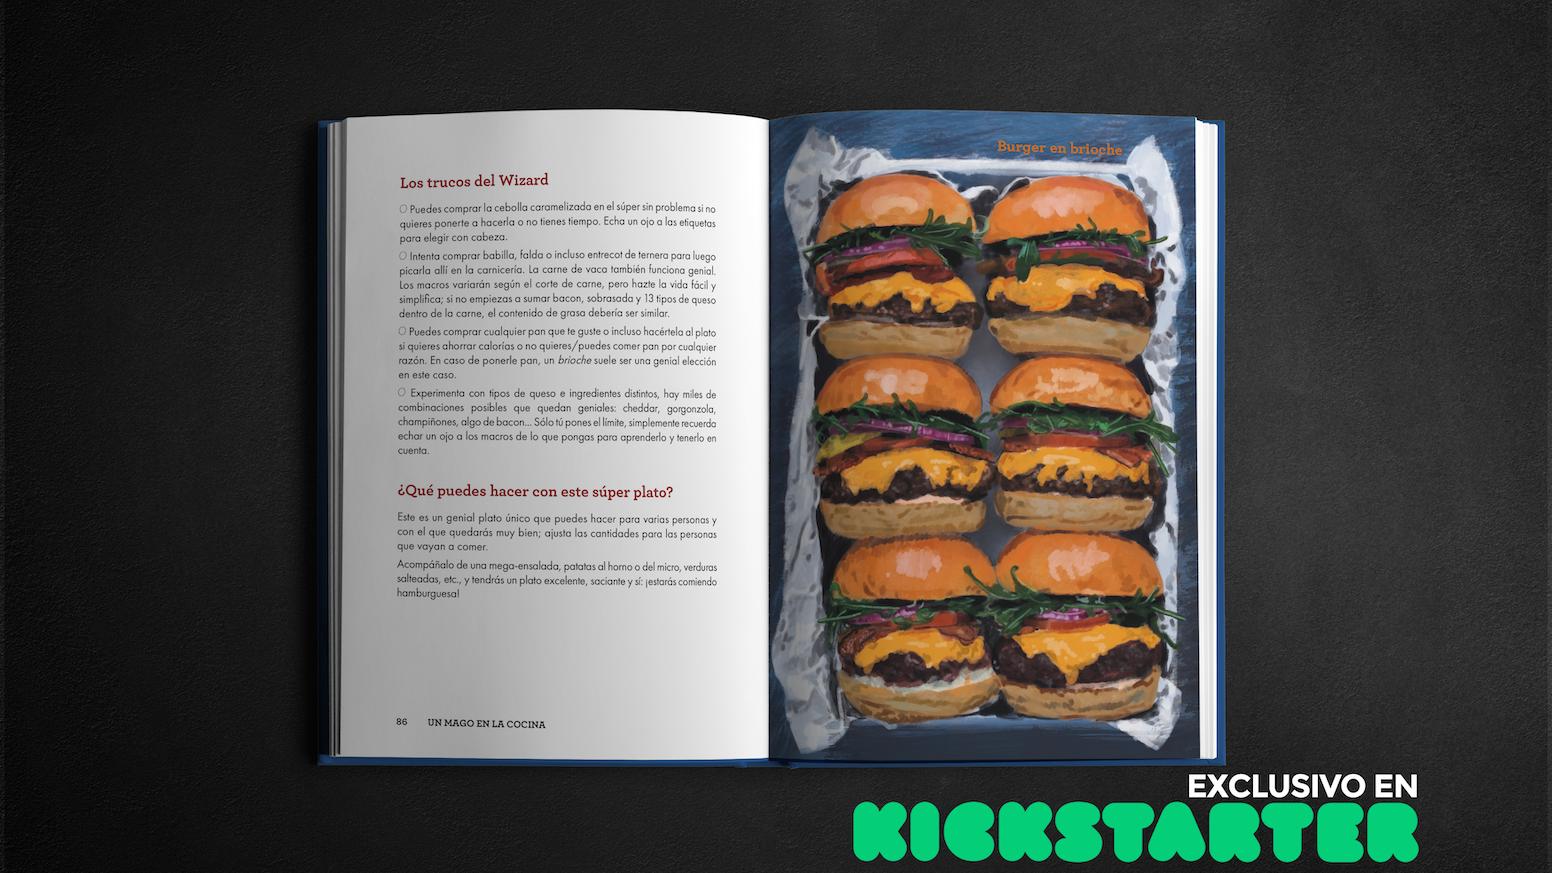 Descubre por qué cocinar puede ser la llave que te falta para desbloquear tus objetivos. ¡Más de 12.000 copias vendidas en todo el mundo!